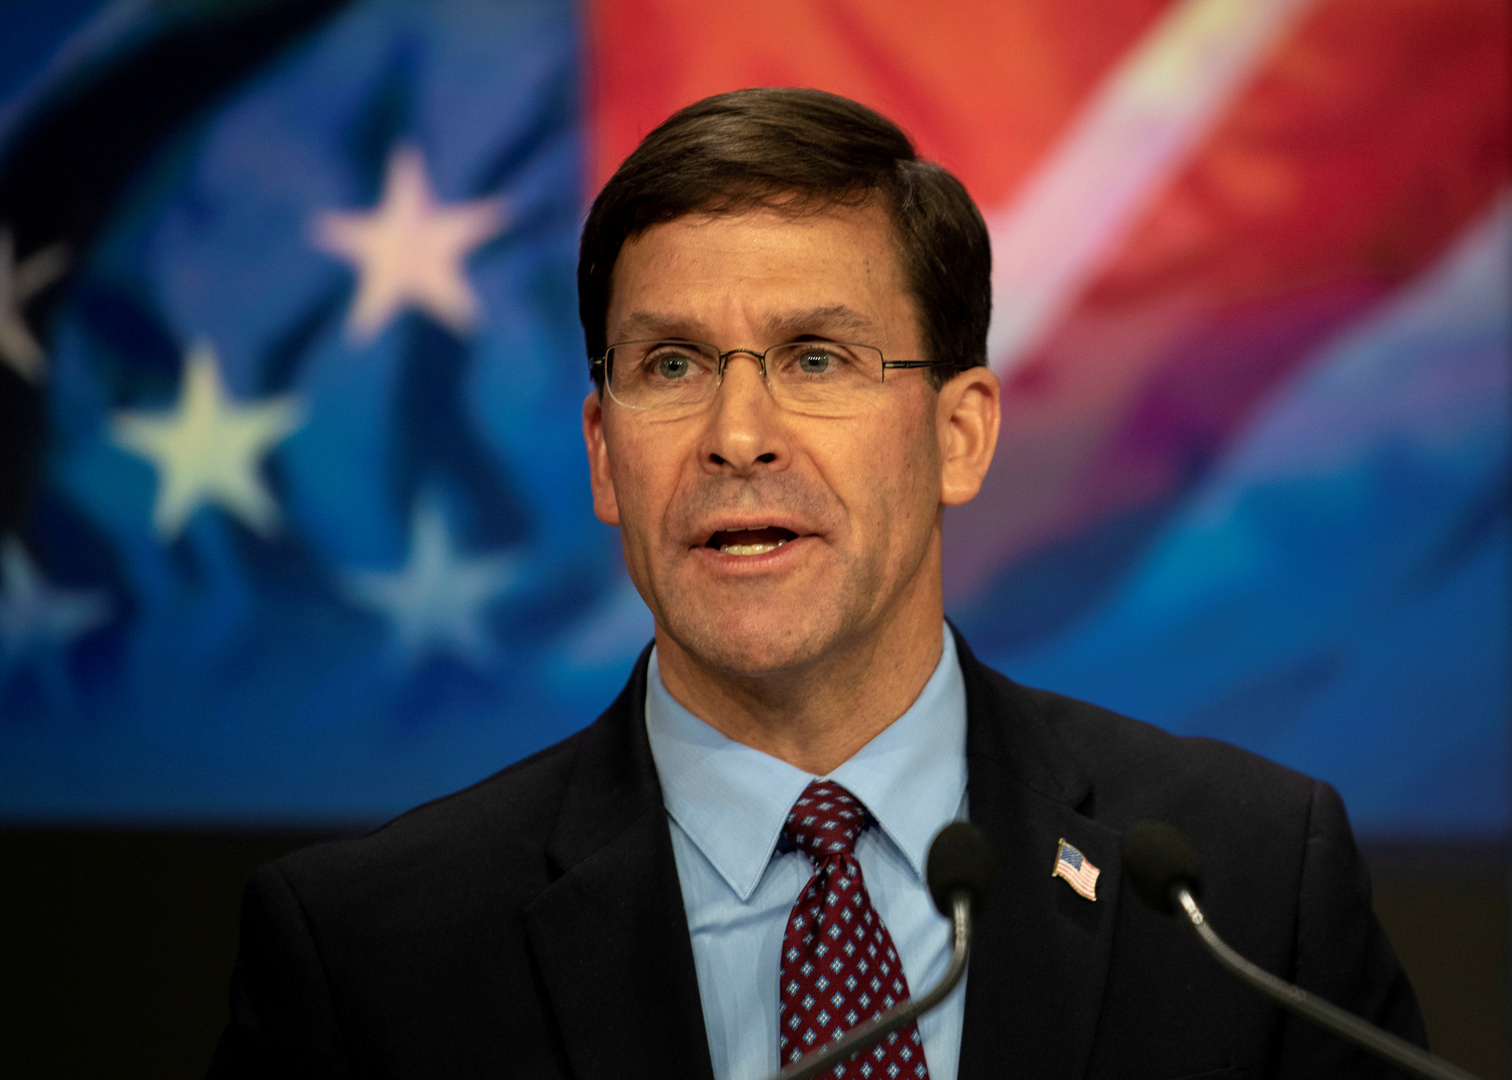 إسبر يؤكد أن إعادة تموضع القوات الأمريكية في العالم قد تبدأ العام الجاري